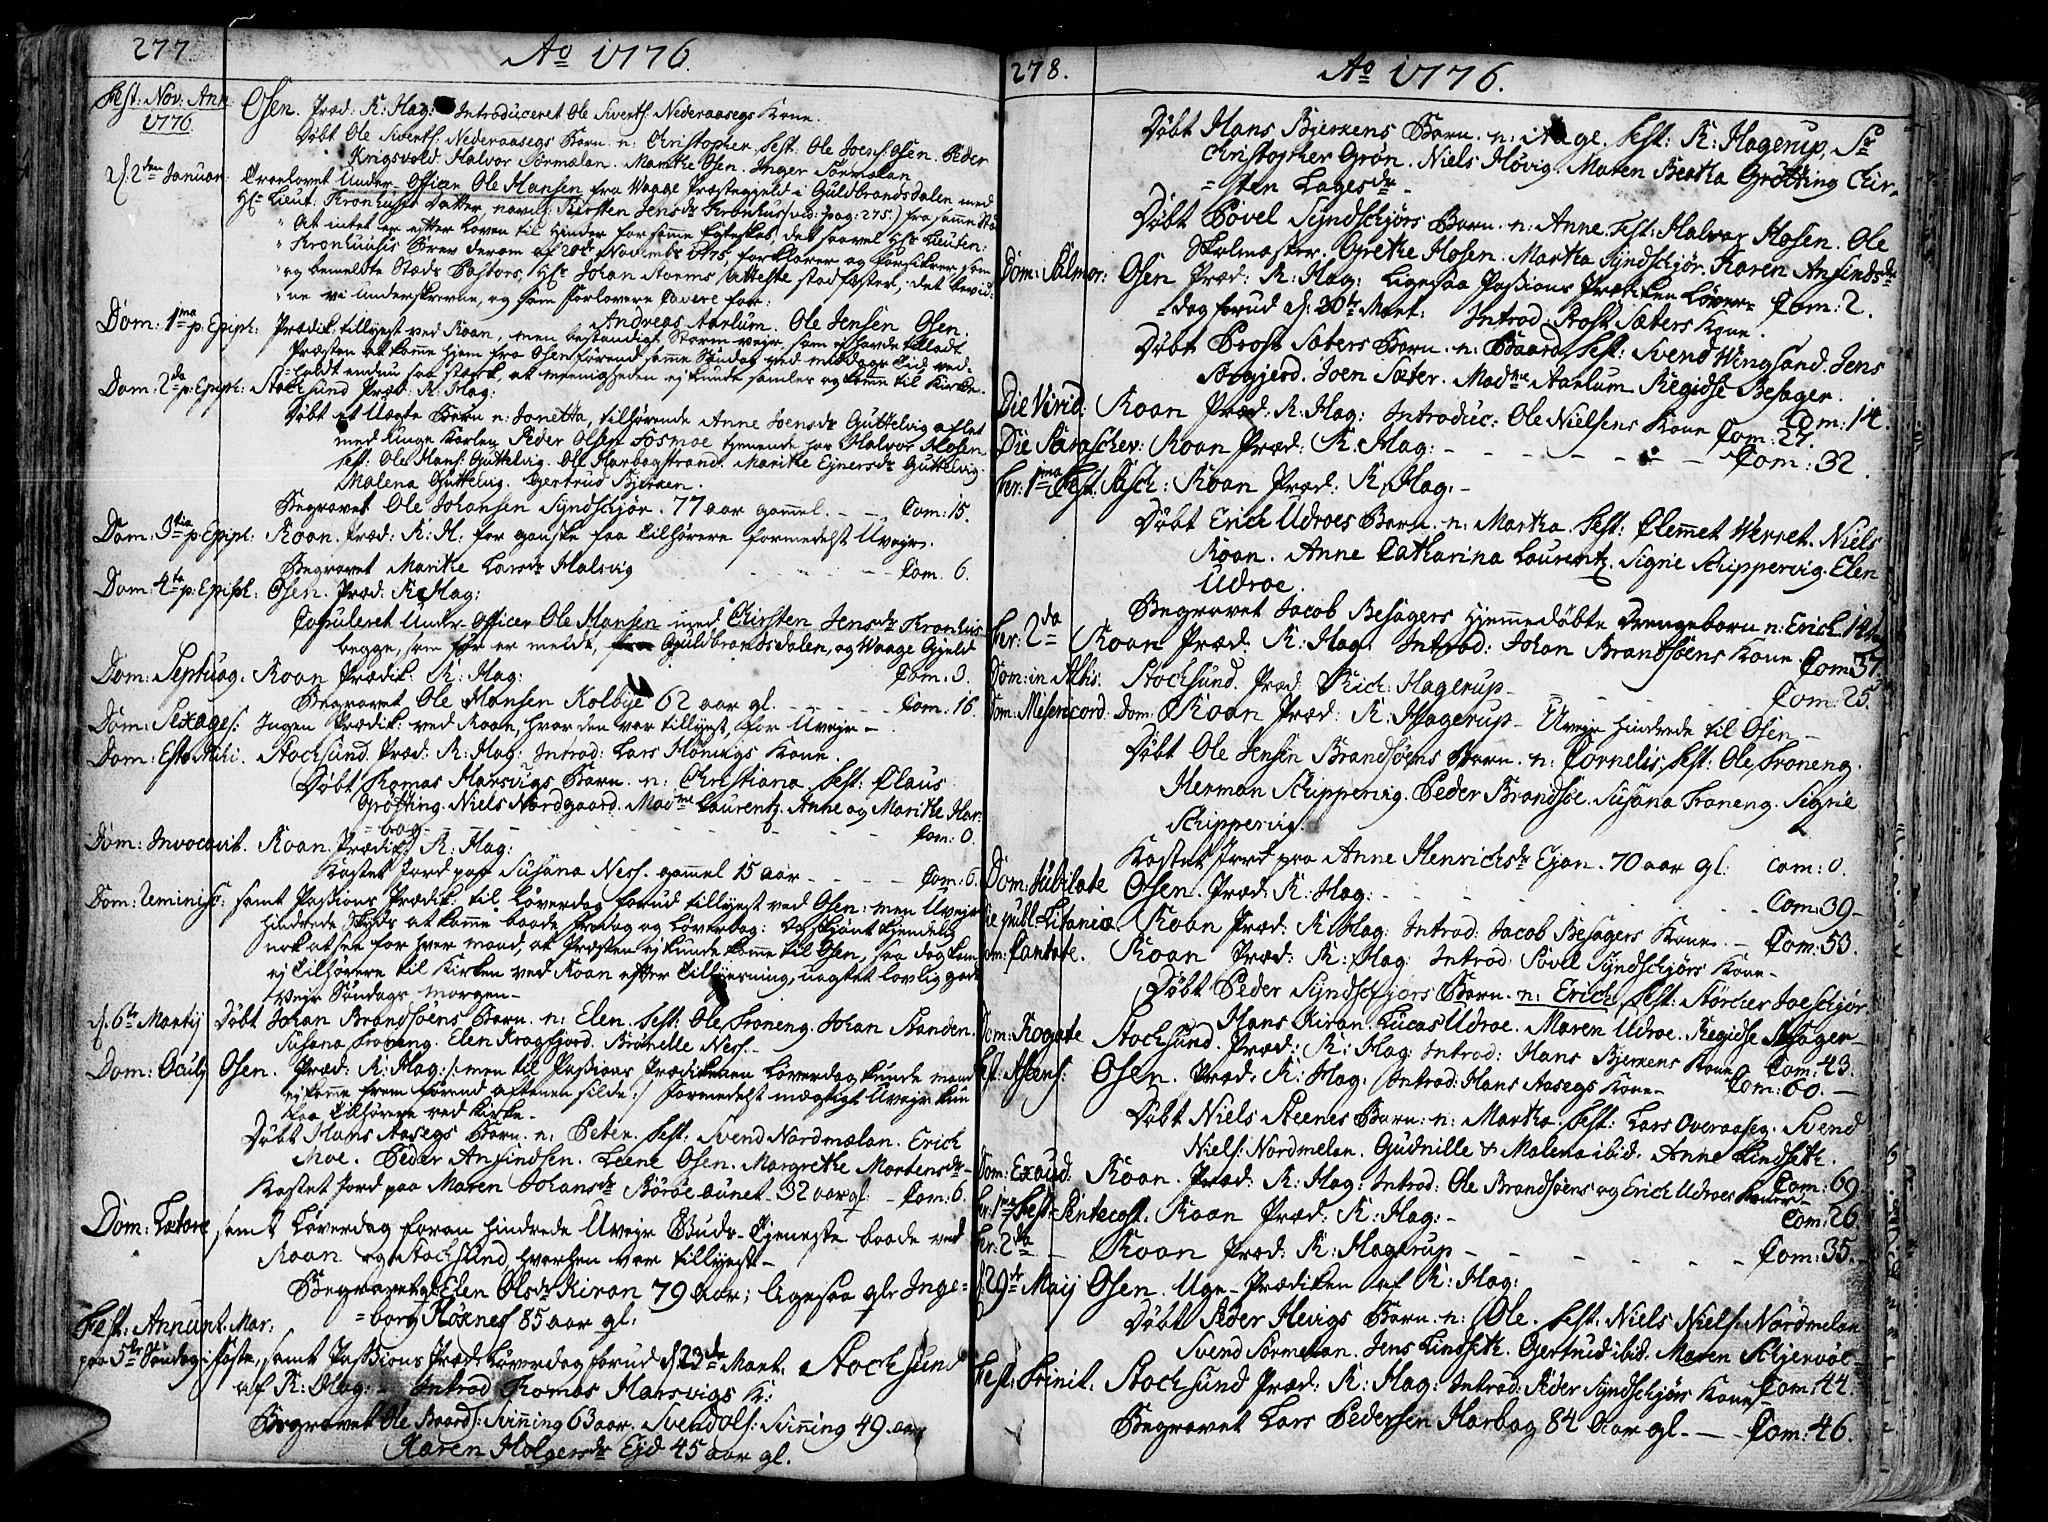 SAT, Ministerialprotokoller, klokkerbøker og fødselsregistre - Sør-Trøndelag, 657/L0700: Ministerialbok nr. 657A01, 1732-1801, s. 277-278